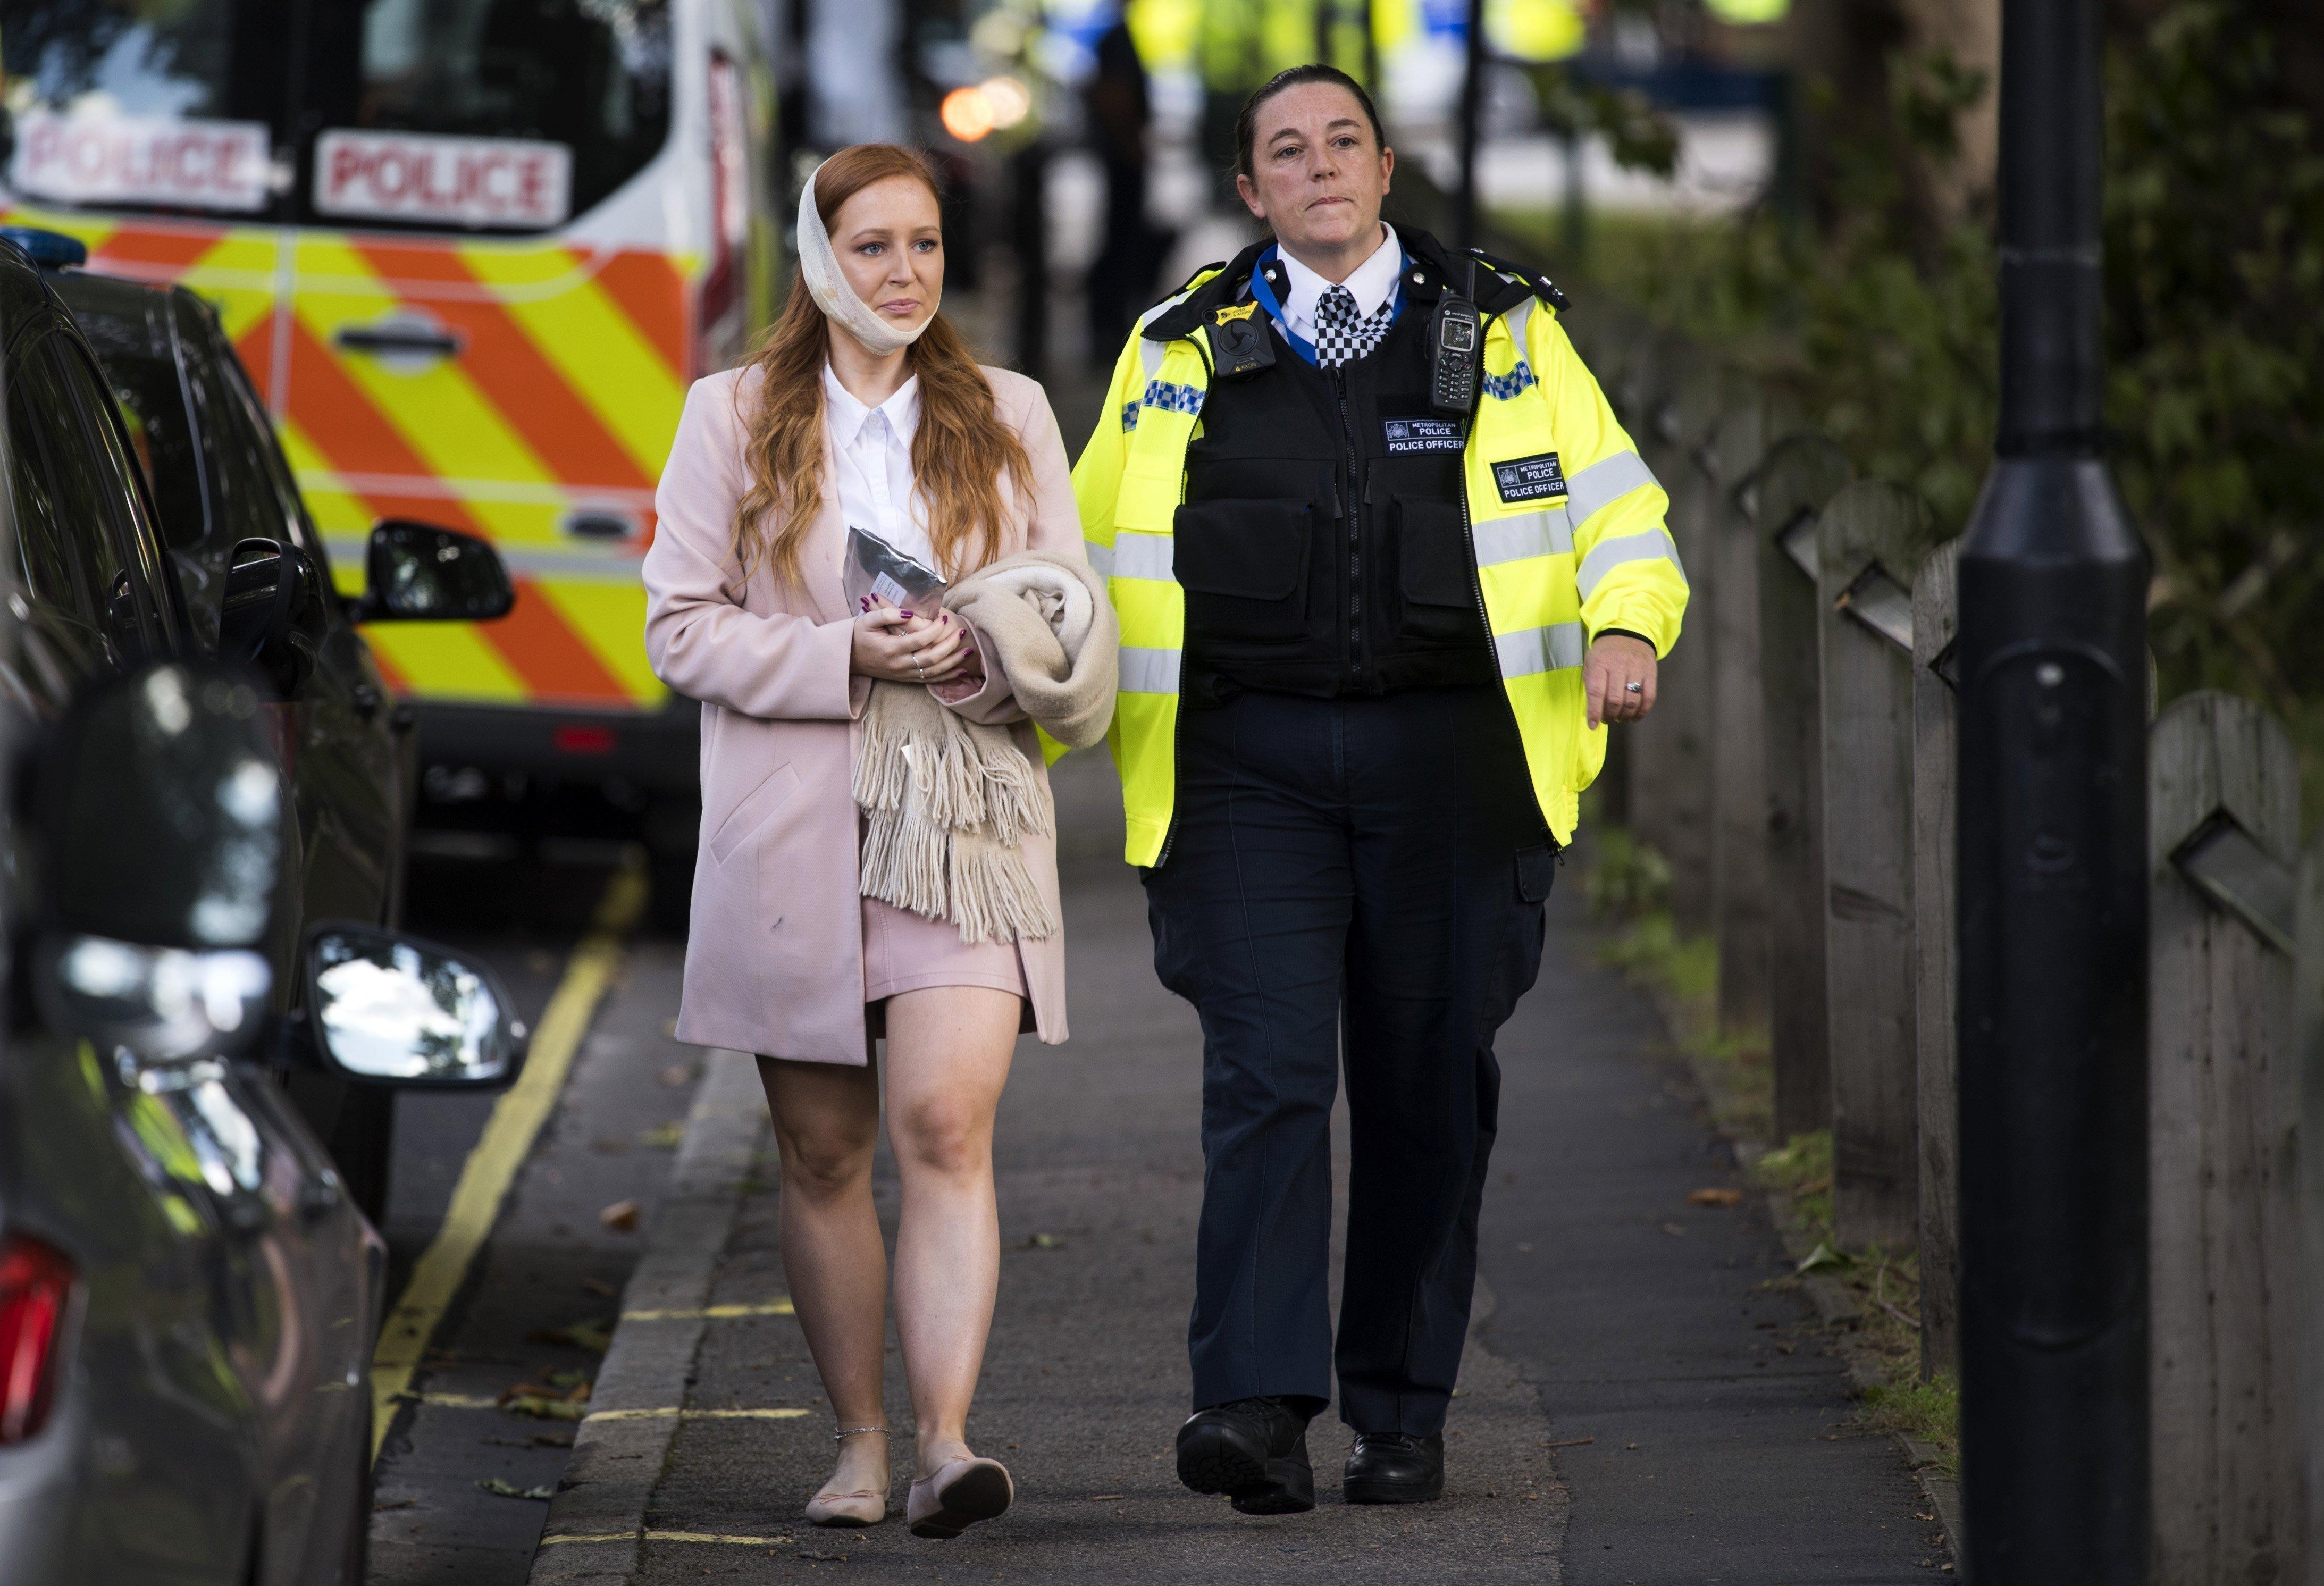 Una agent de policia escorta una ferida als voltants de l'estació de metro Parsons Green a Londres (Regne Unit). /WILL OLIVER